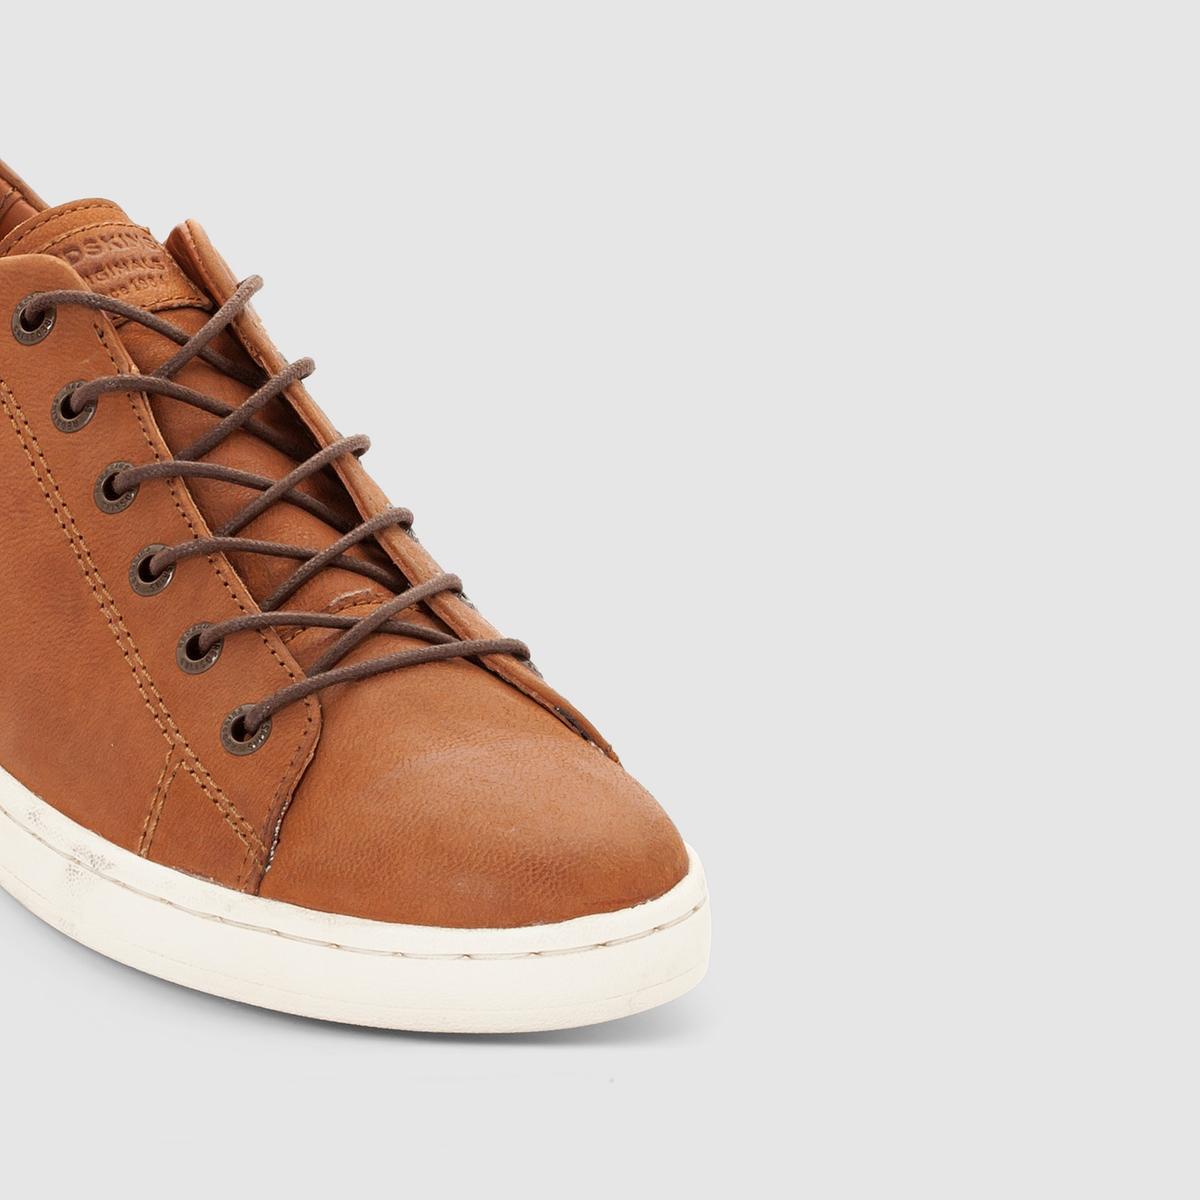 Кеды низкие из кожи  REDSKINS SLIDEПреимущества : низкие кеды из кожи REDSKINS, пропитанные духом обуви для тенниса 70-х годов, с великолепной натуральной расцветкой  .<br><br>Цвет: коньячный<br>Размер: 44